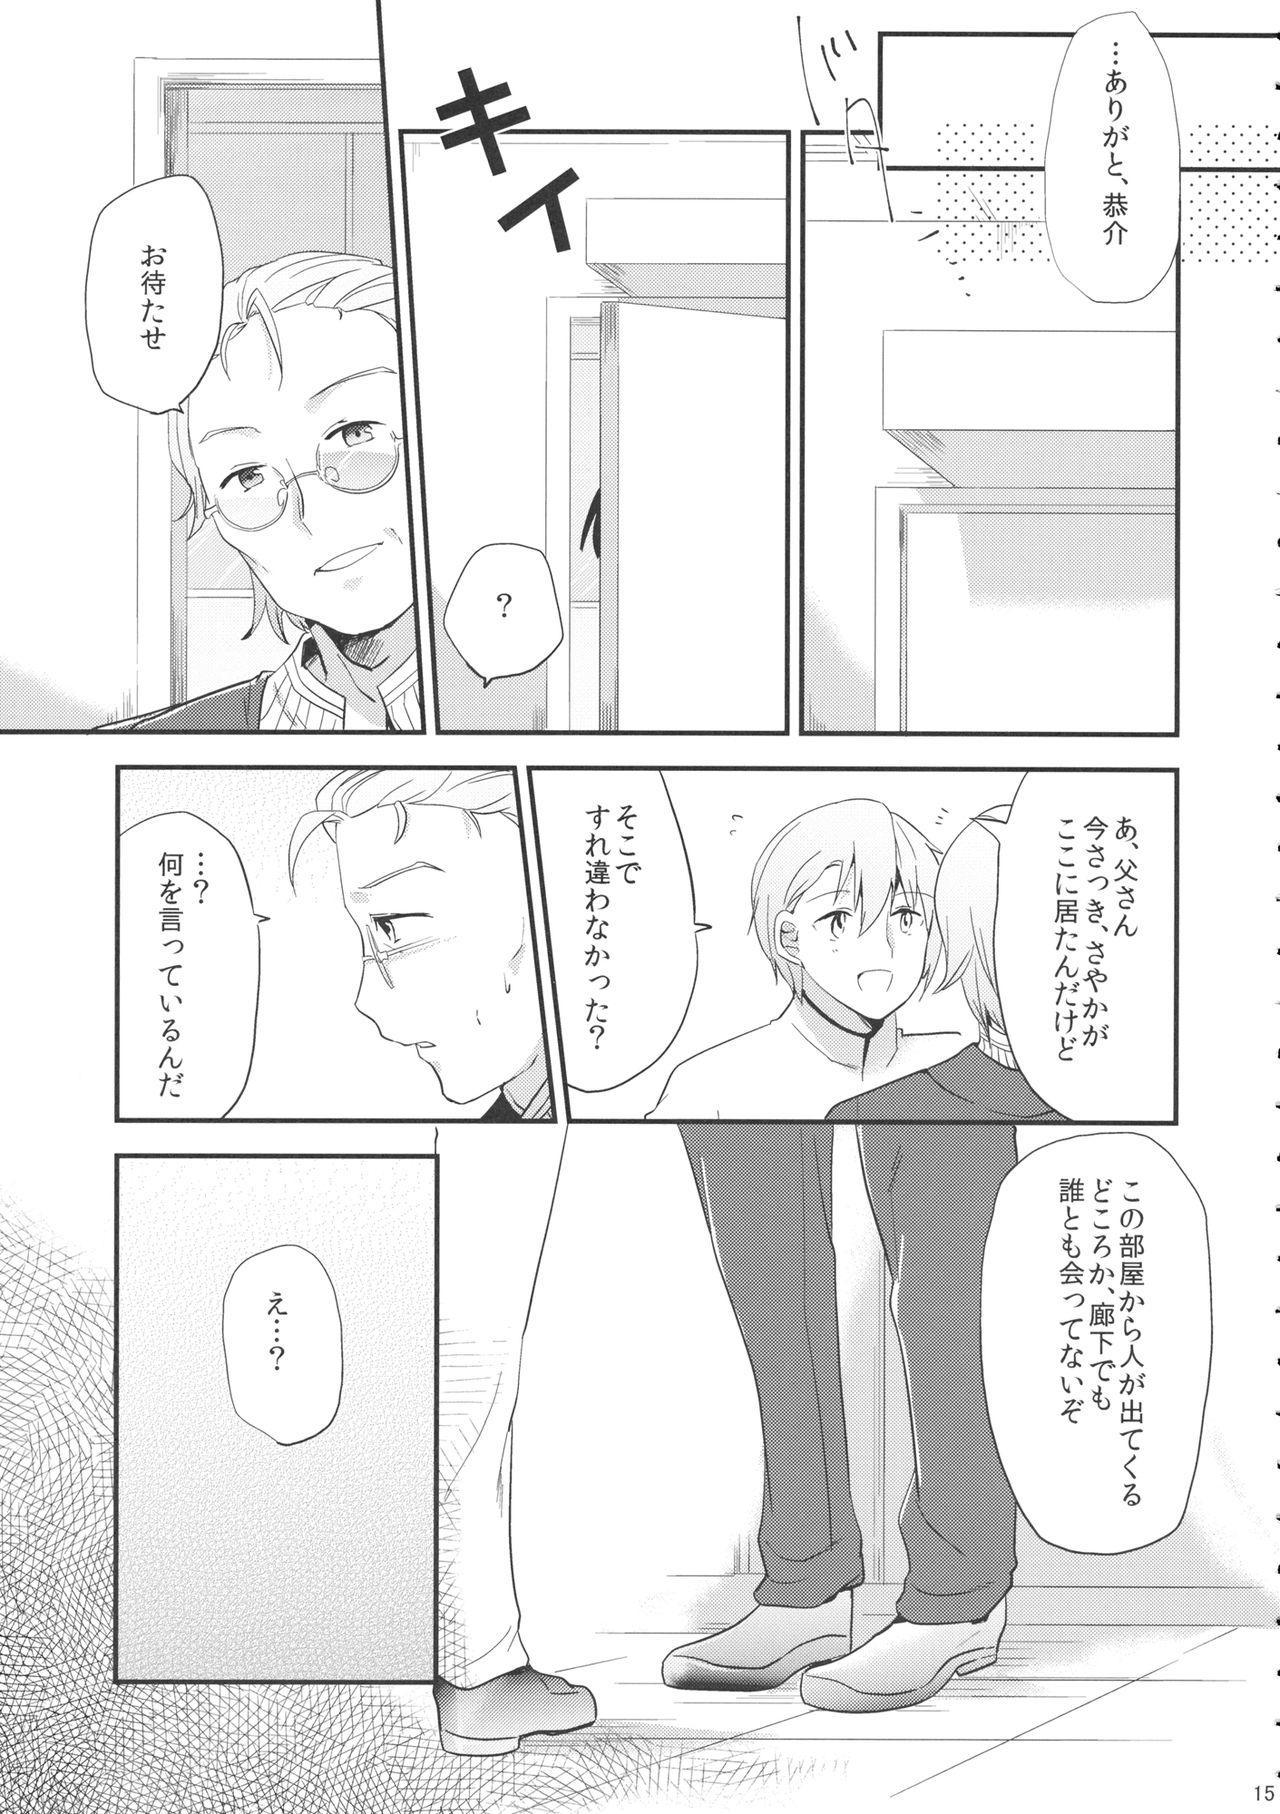 if Kanzenban 13